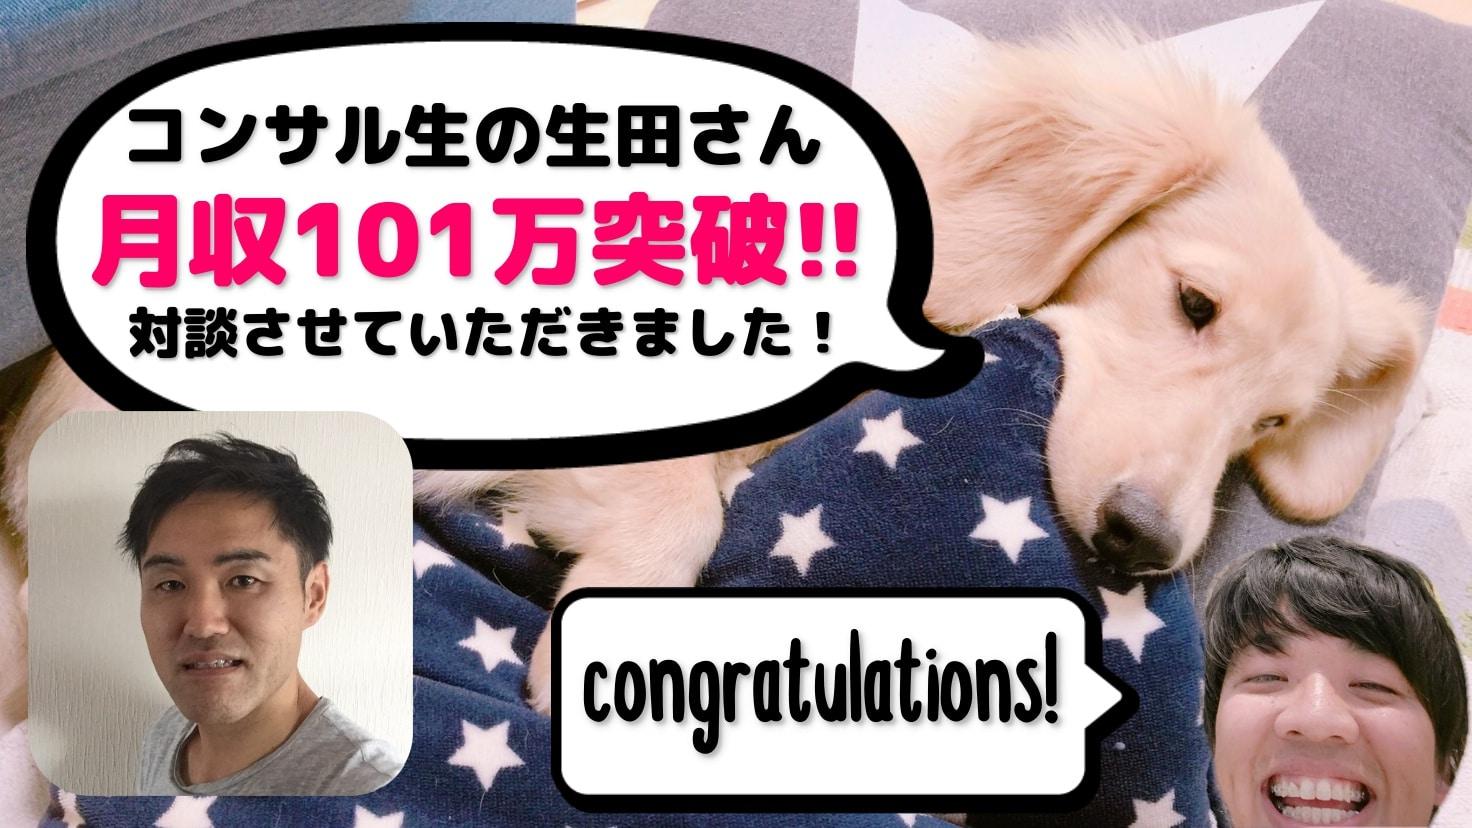 コンサル生の生田さんが月収101万突破したので対談させていただきました!おめでとうございます!